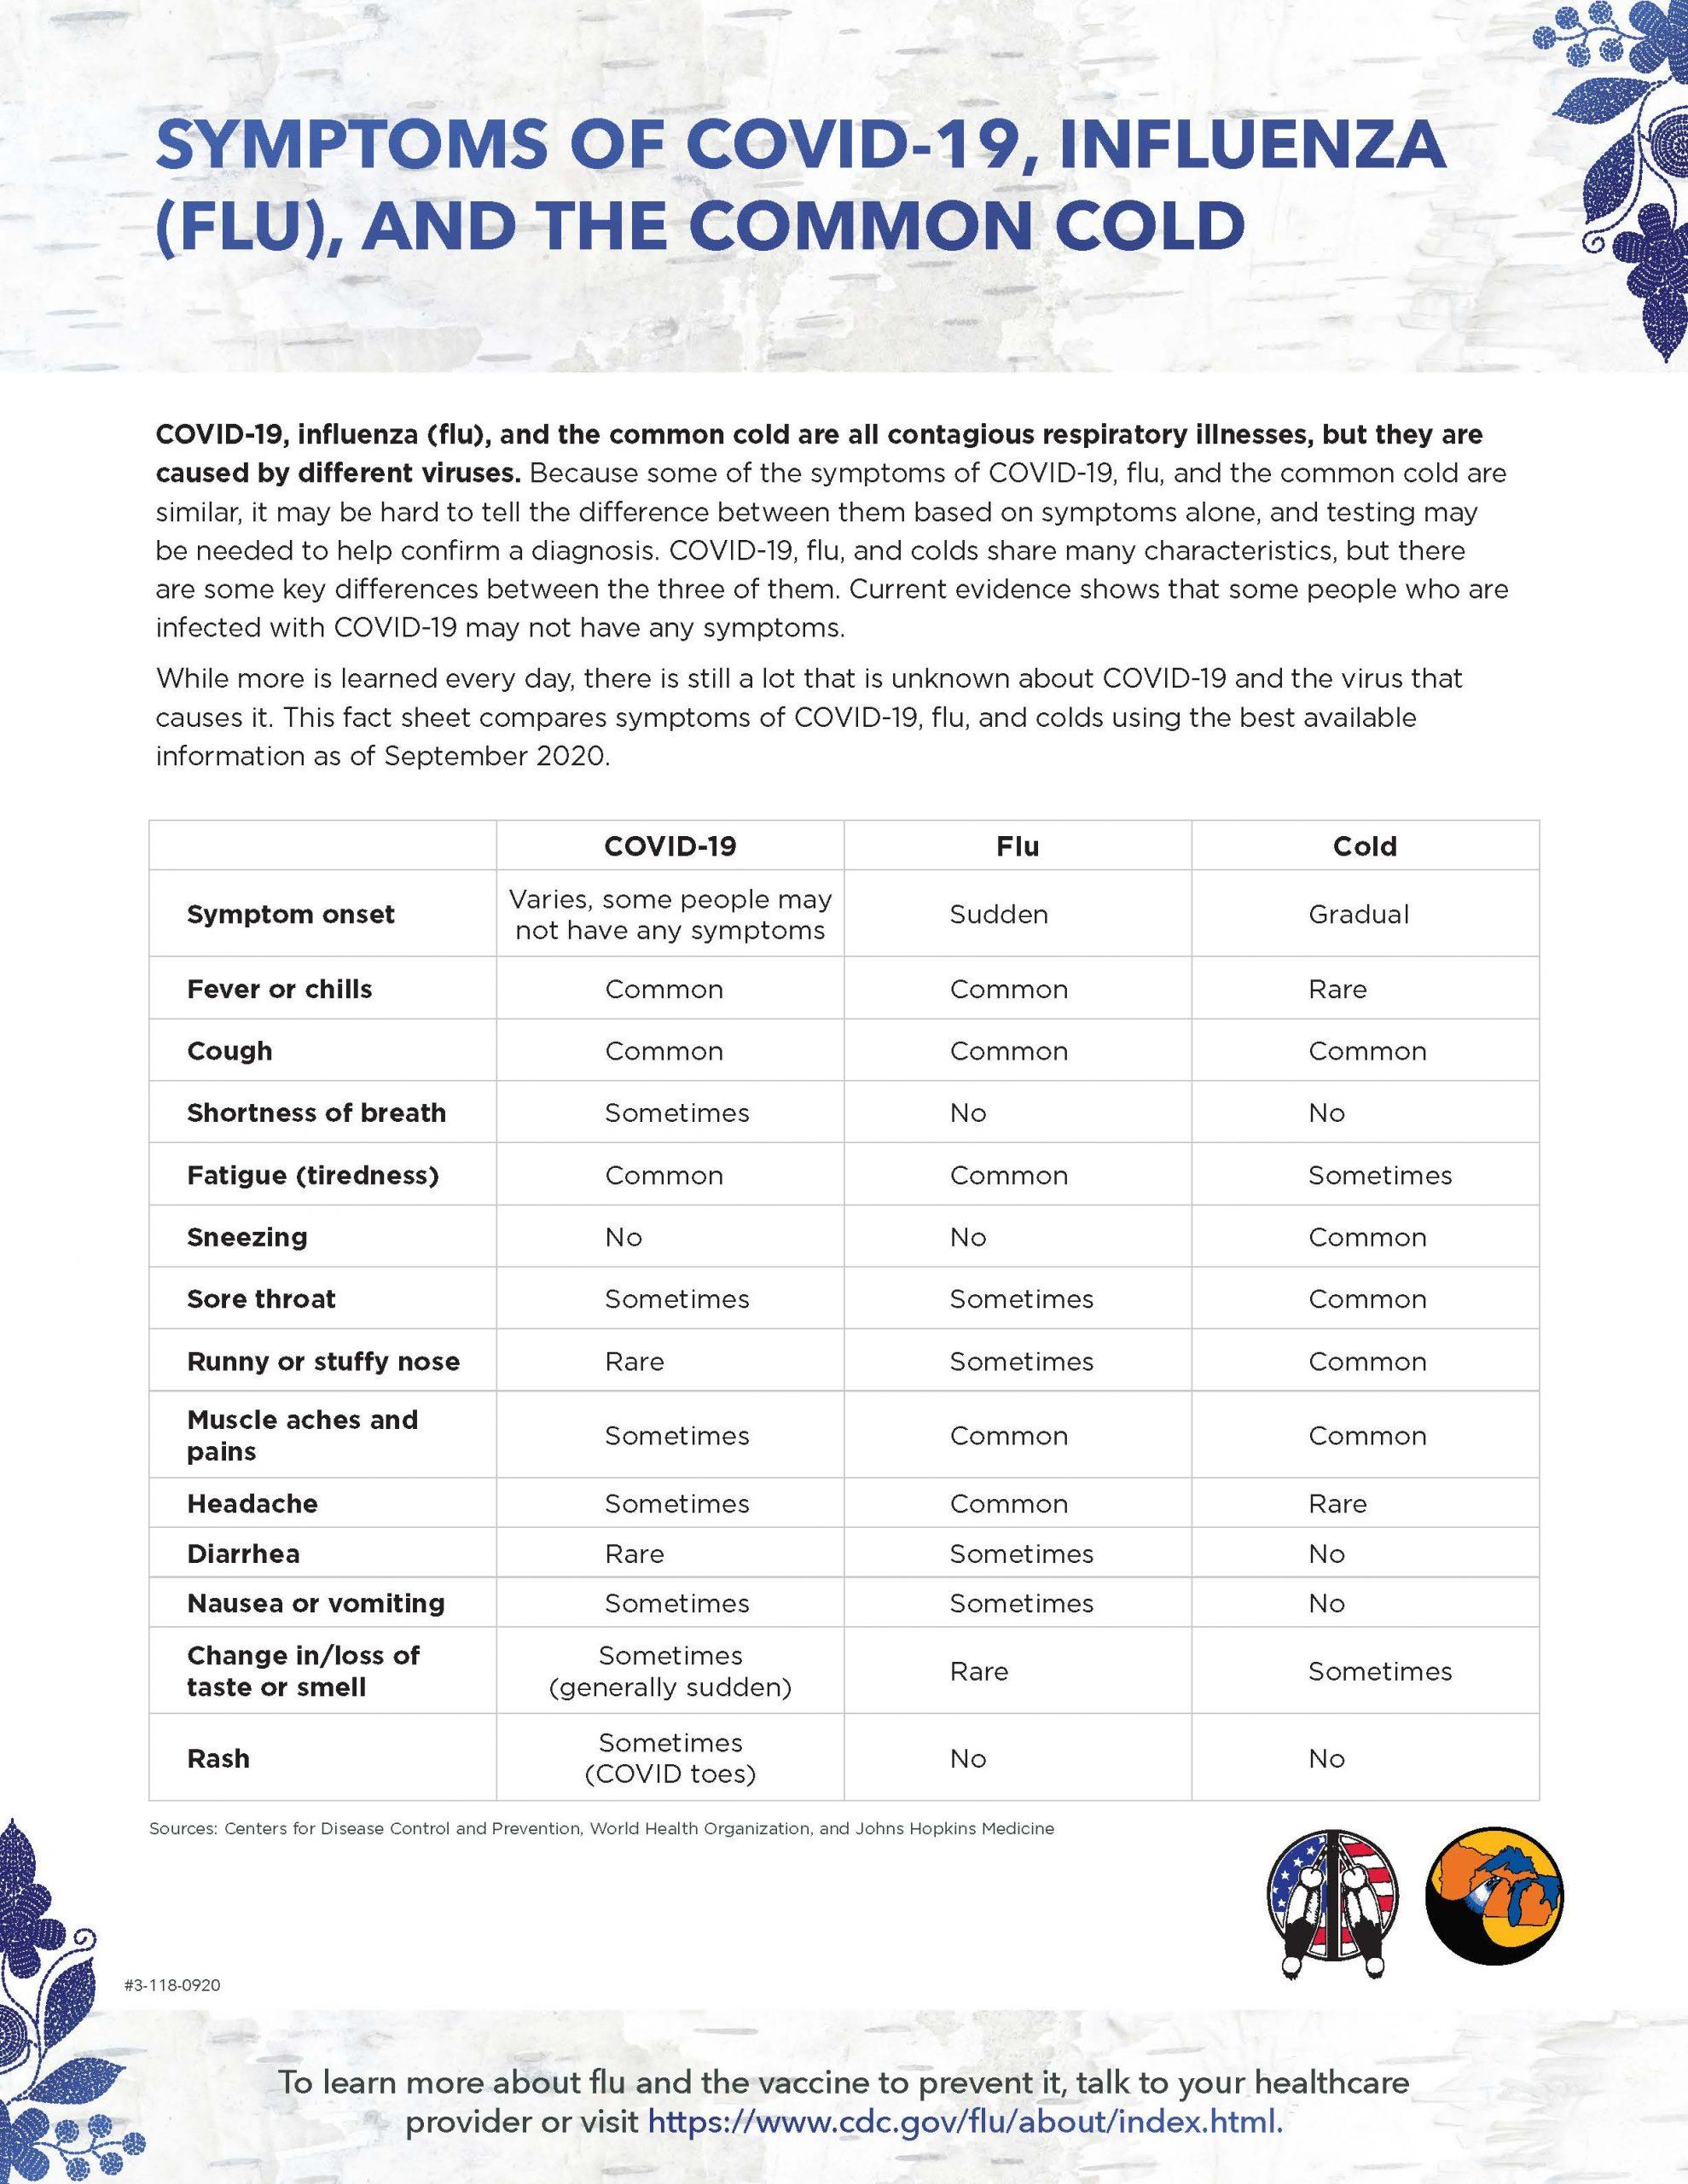 Flu, COVID, and Cold Symptom Comparison Factsheet